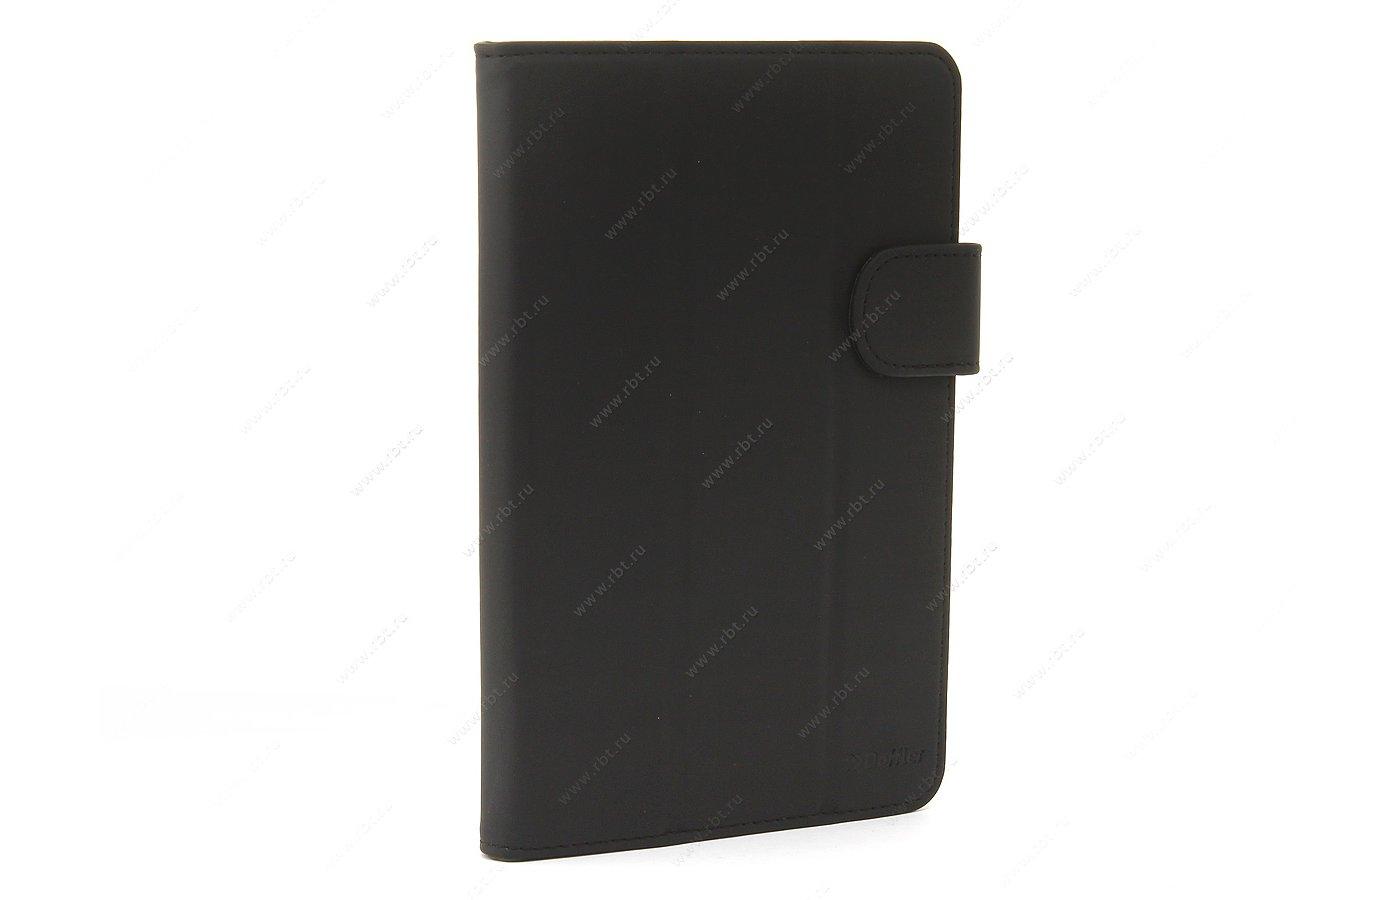 Чехол для планшетного ПК DOFFLER LSTY-1089R2-7